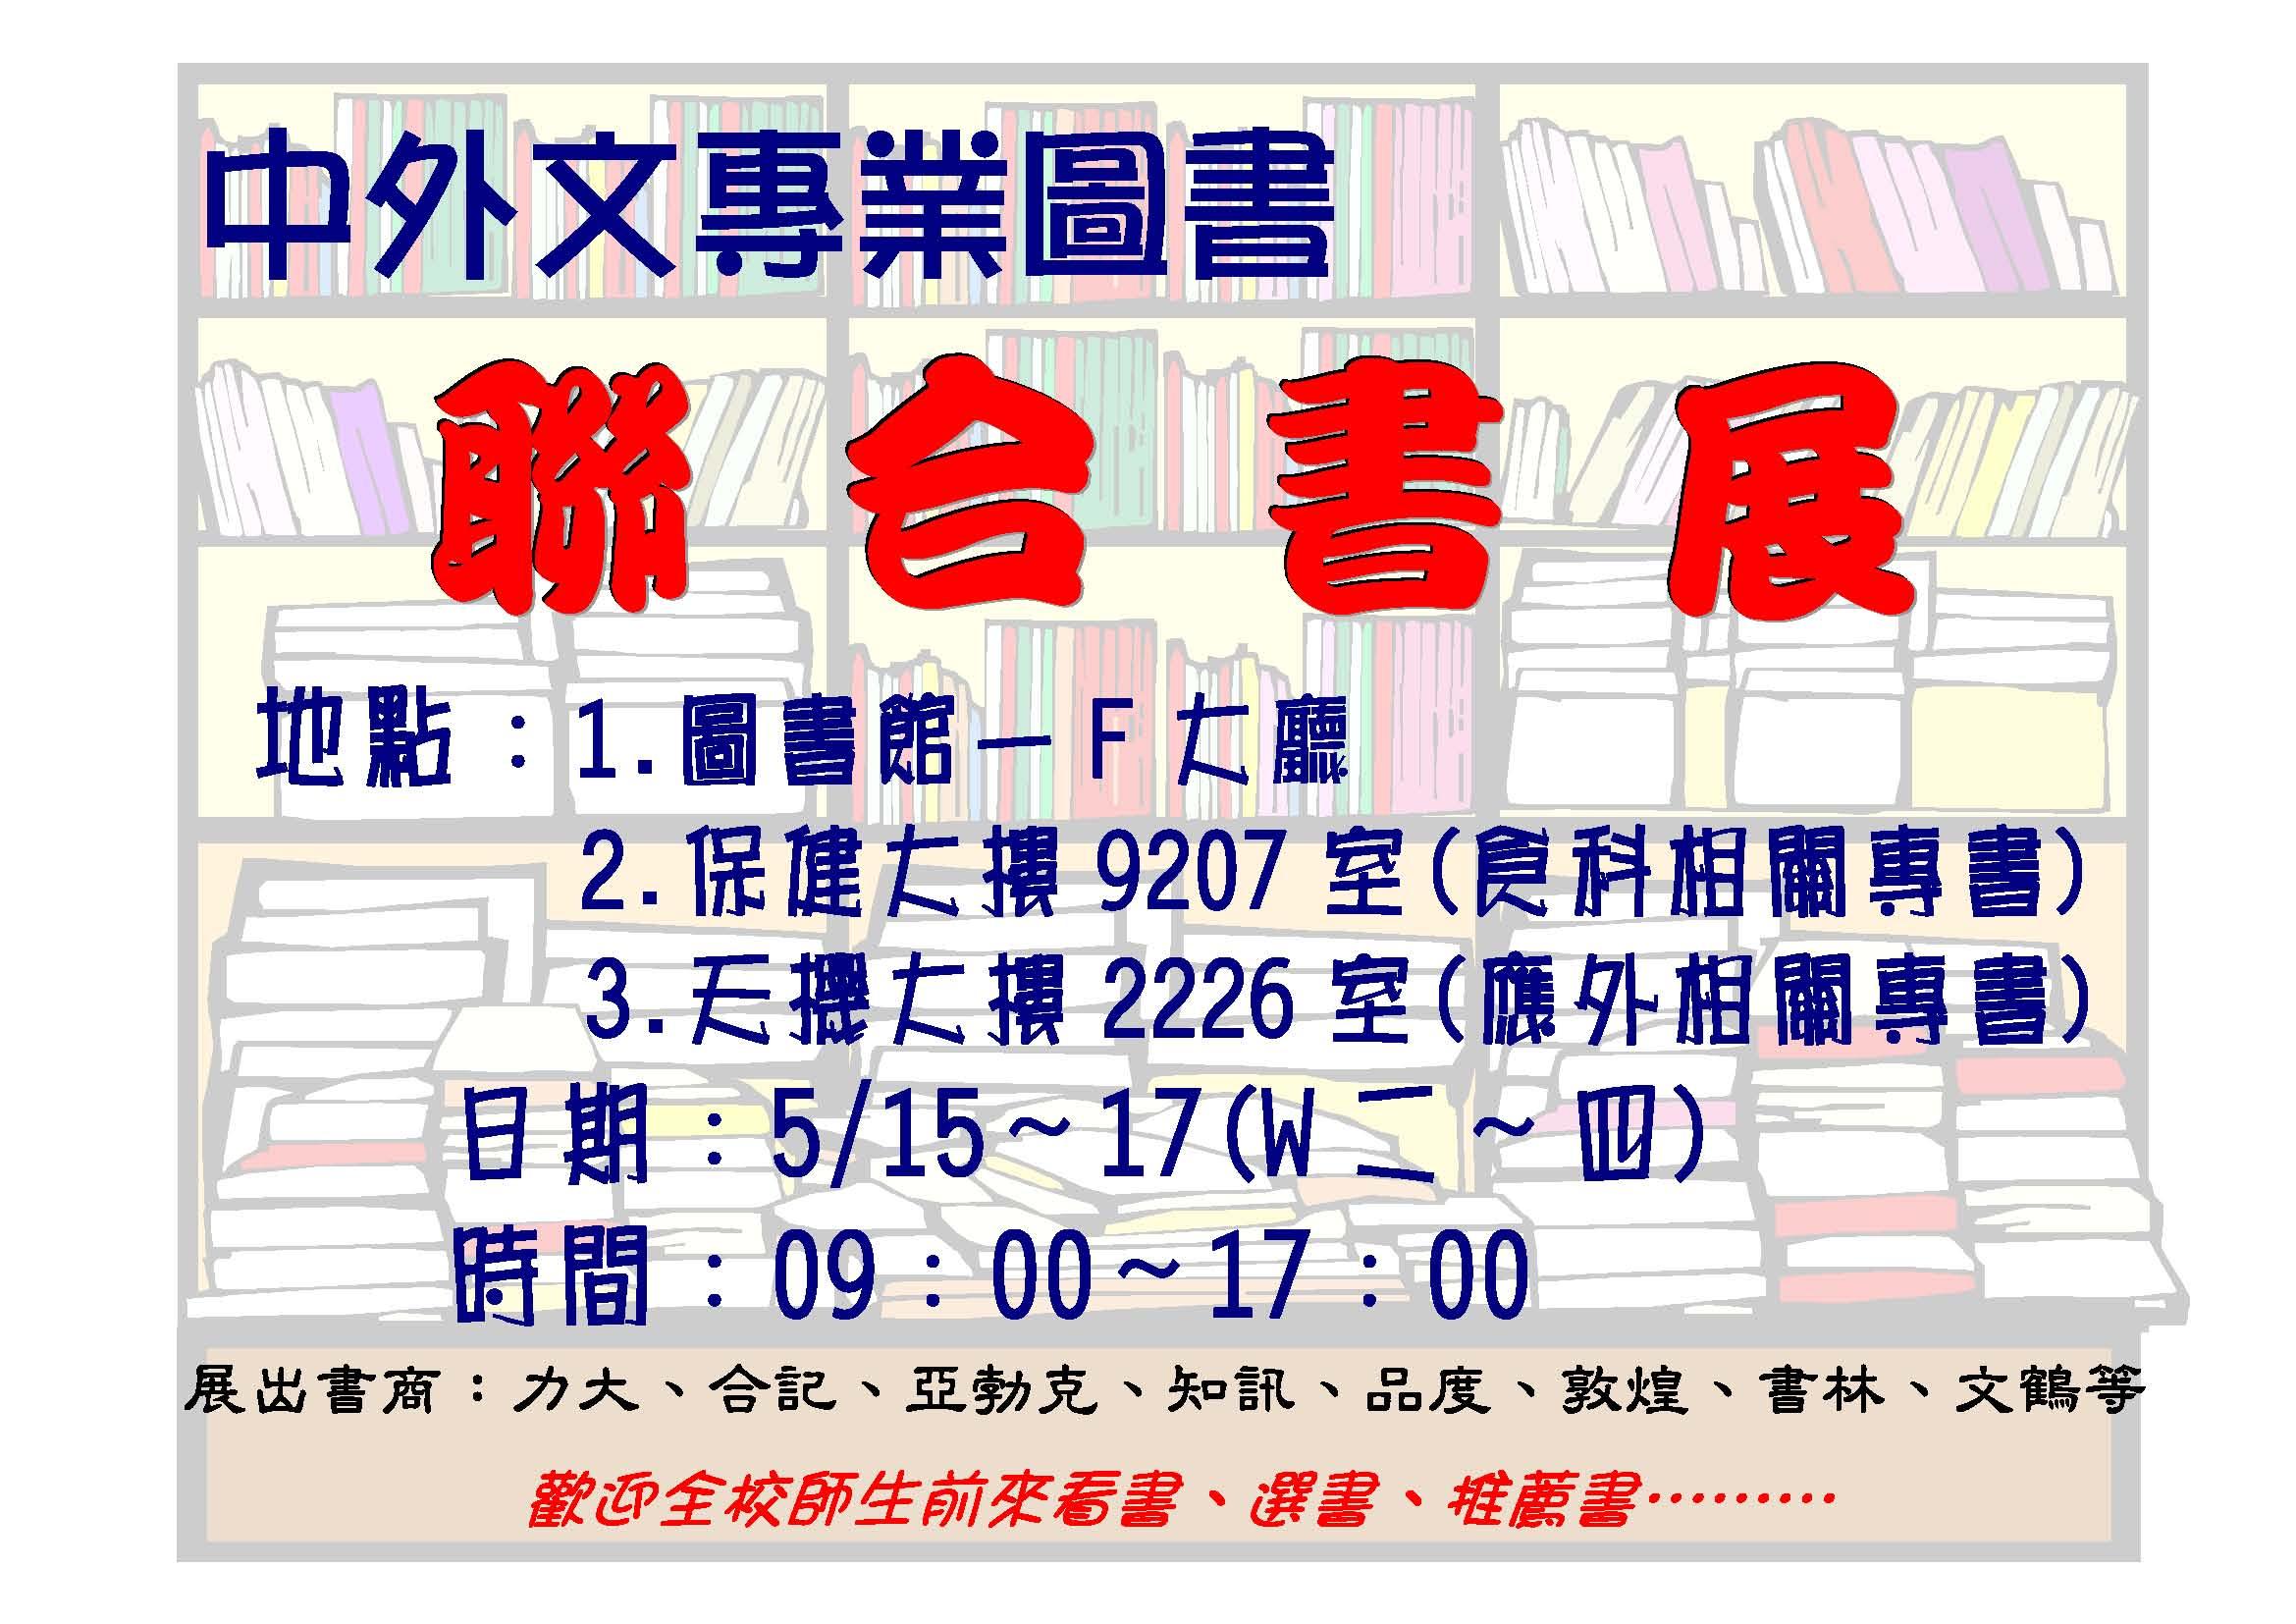 1002-2主題書展活動2